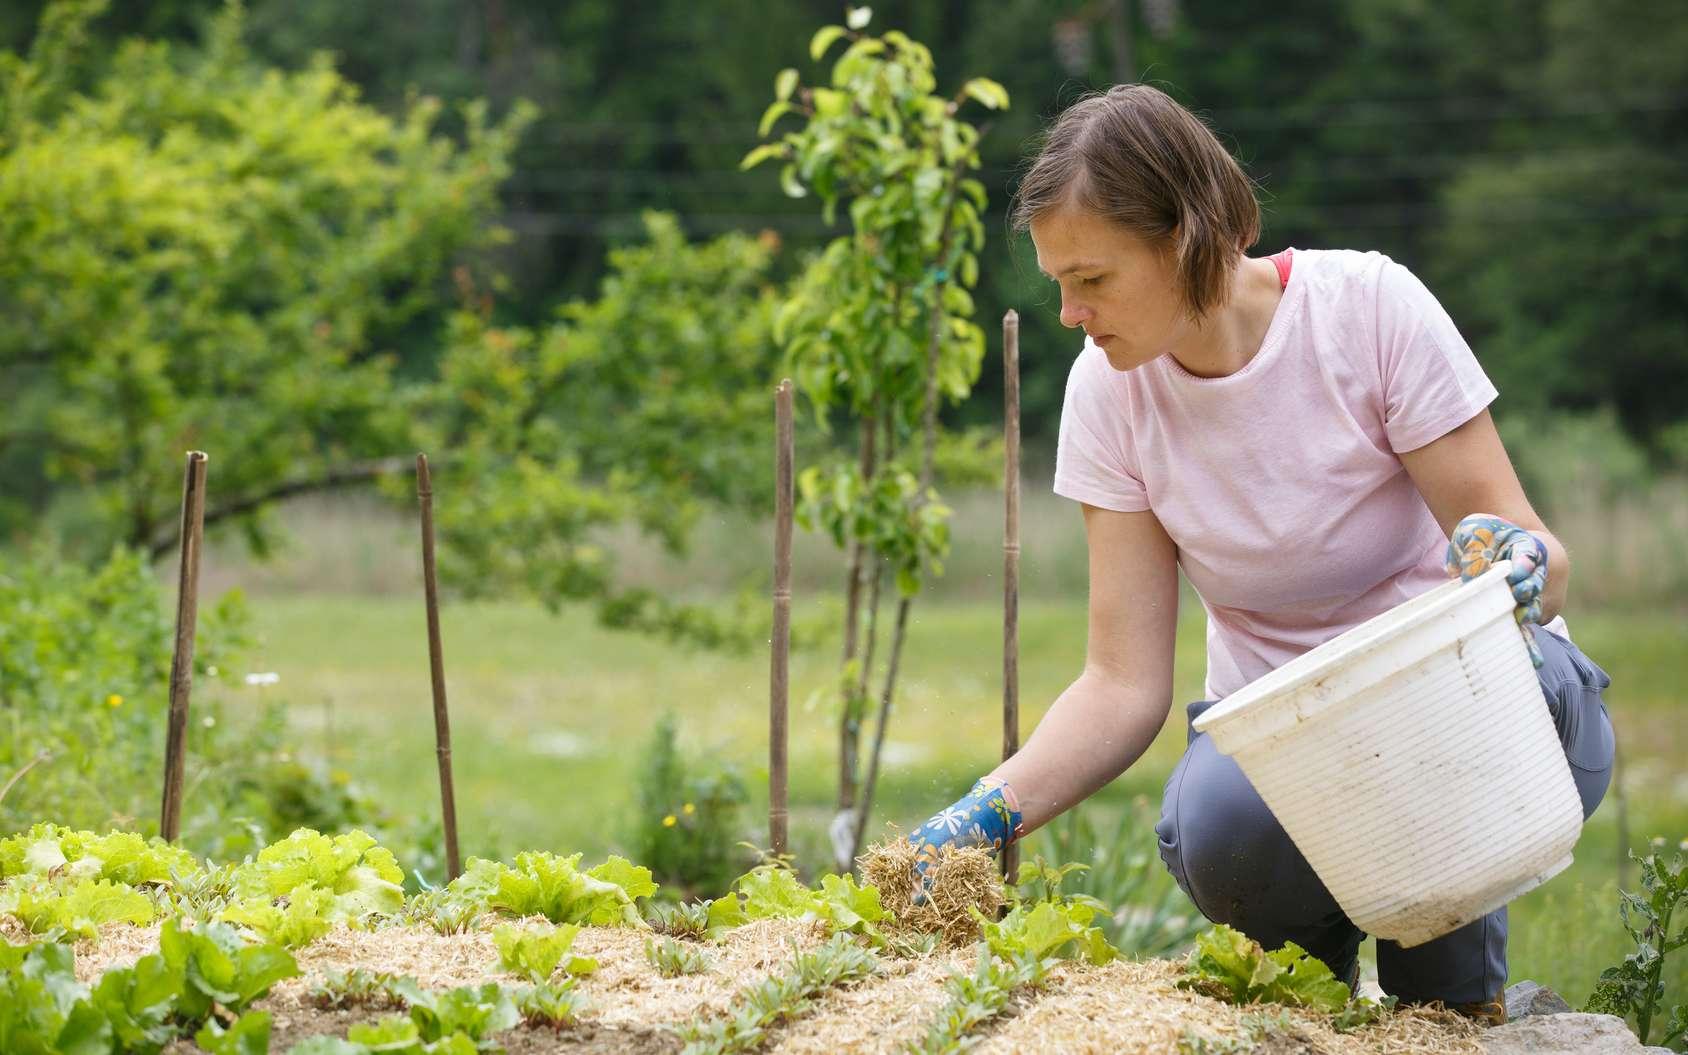 Jardin cultivé en permaculture. © zlikovec, fotolia